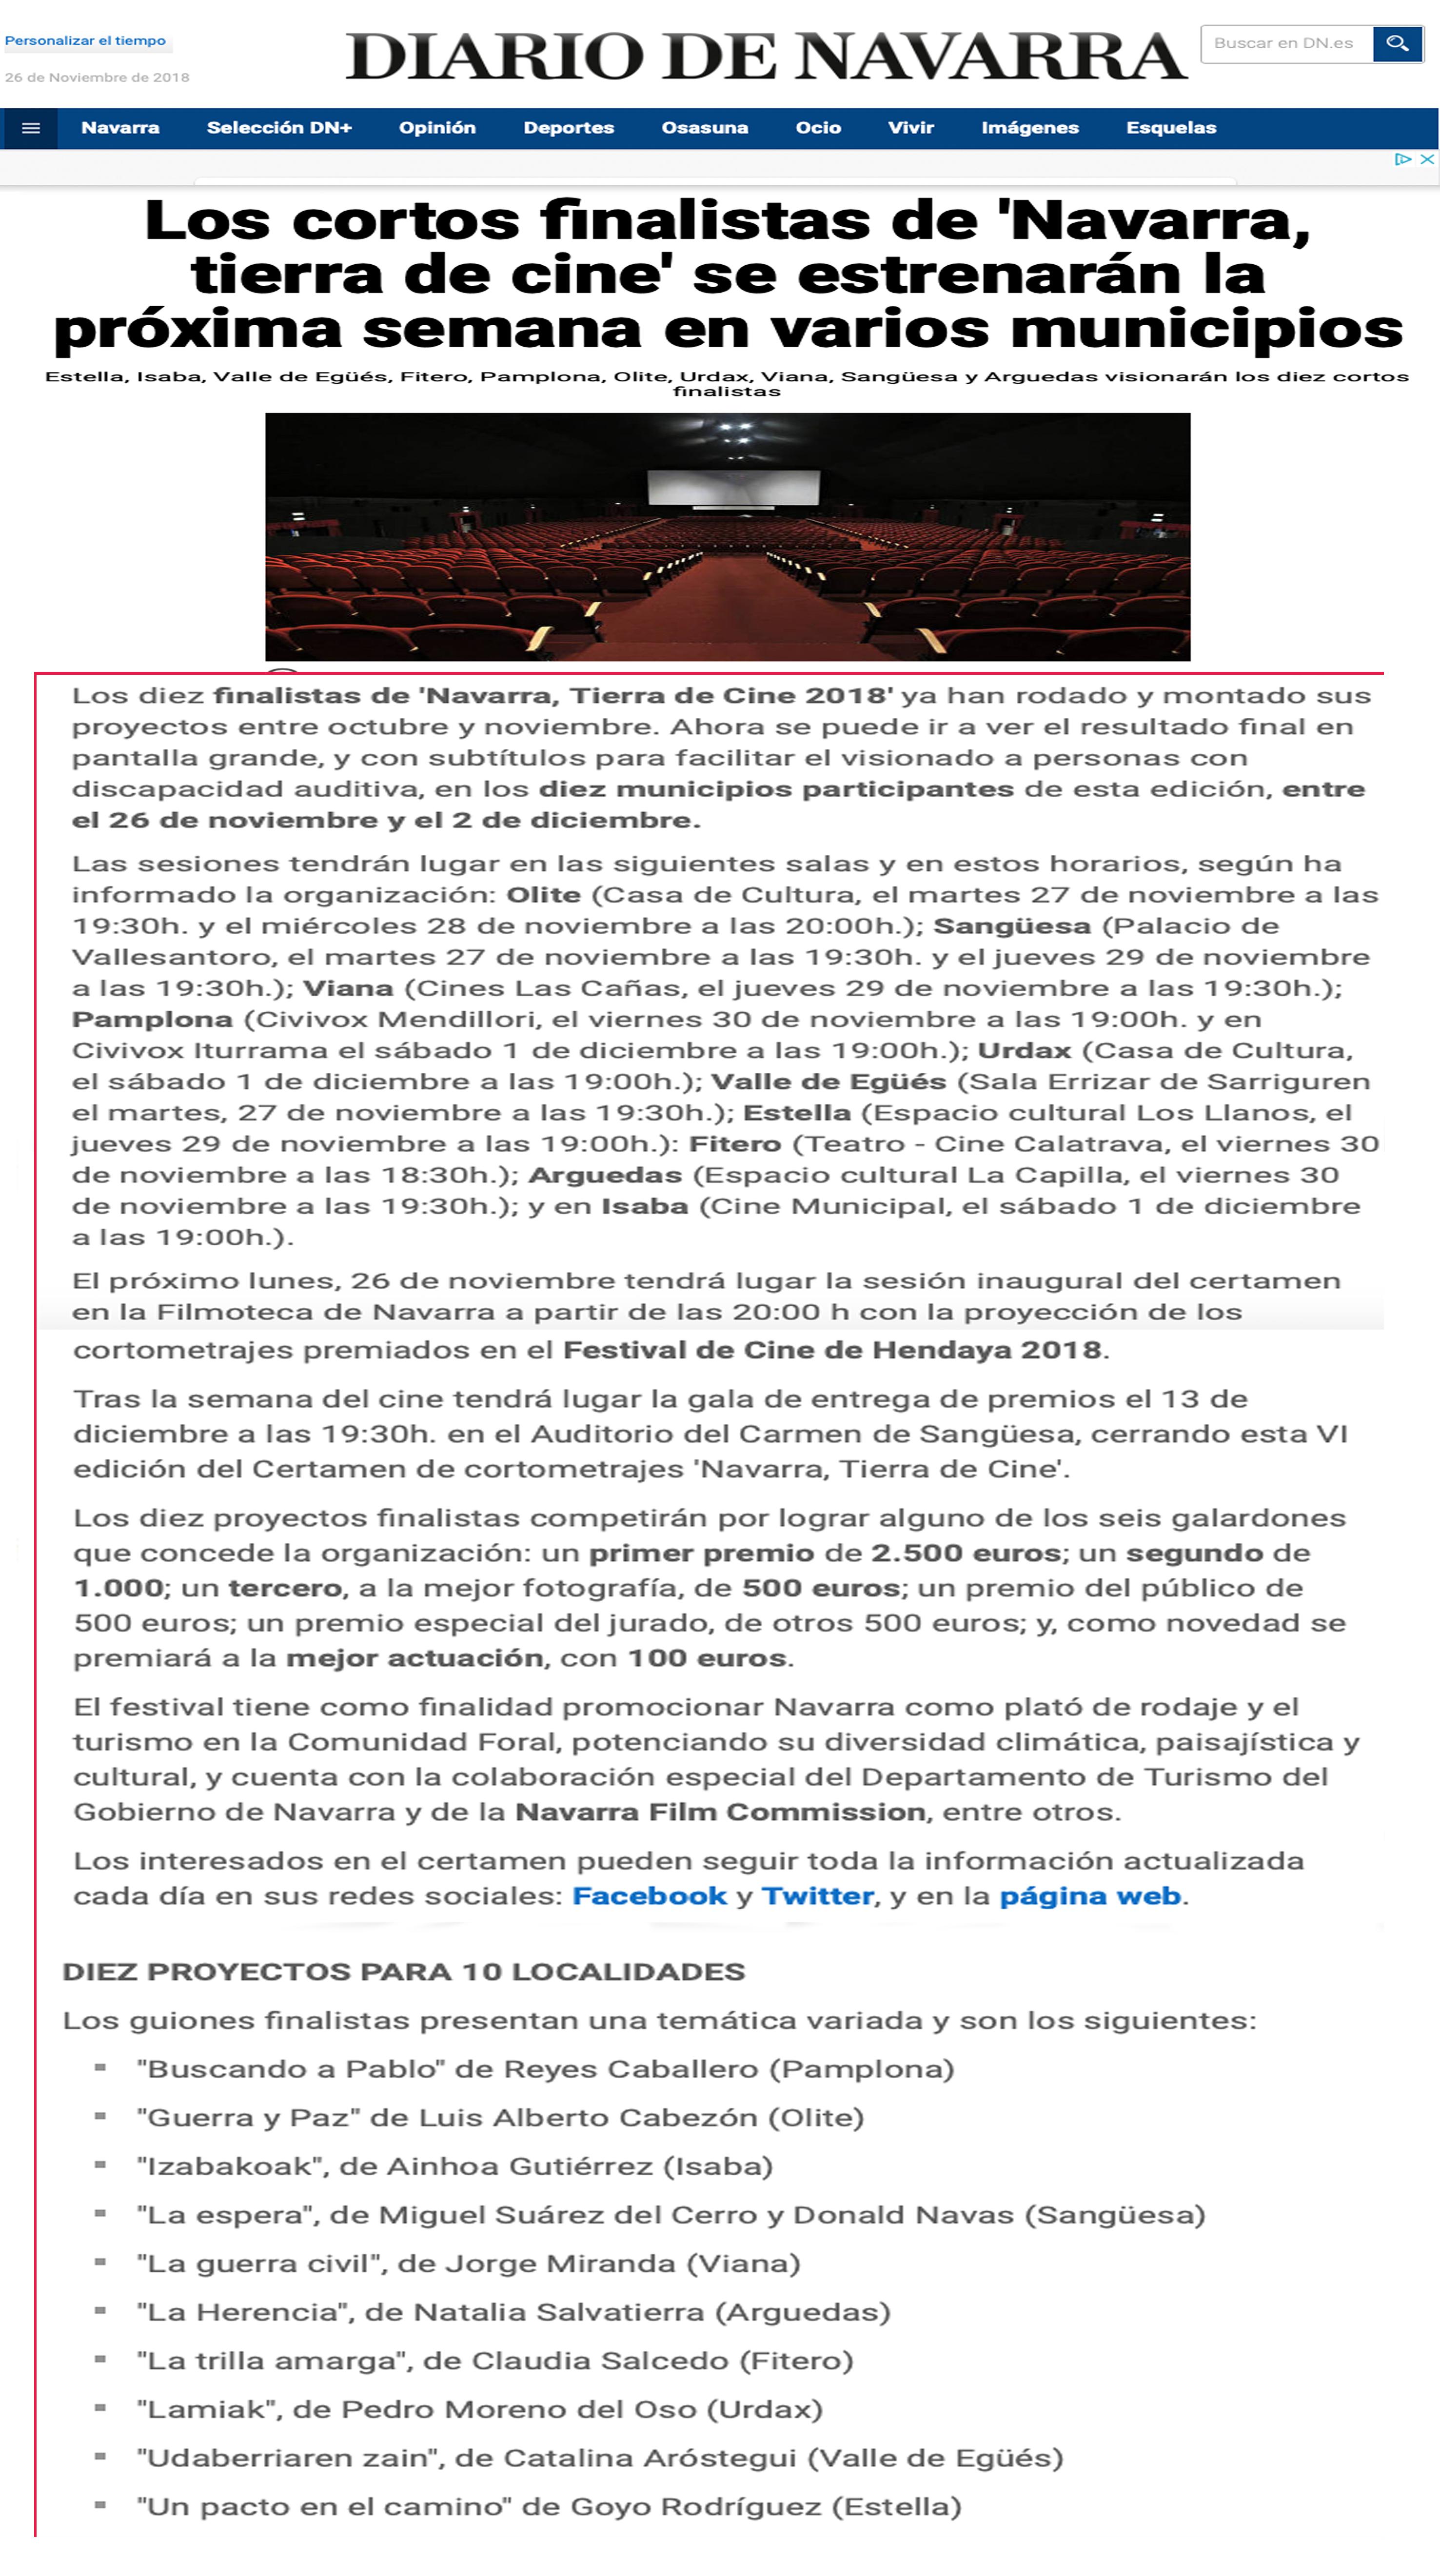 DIARIO DE NAVARRA-BUSCANDO A PABLO-web